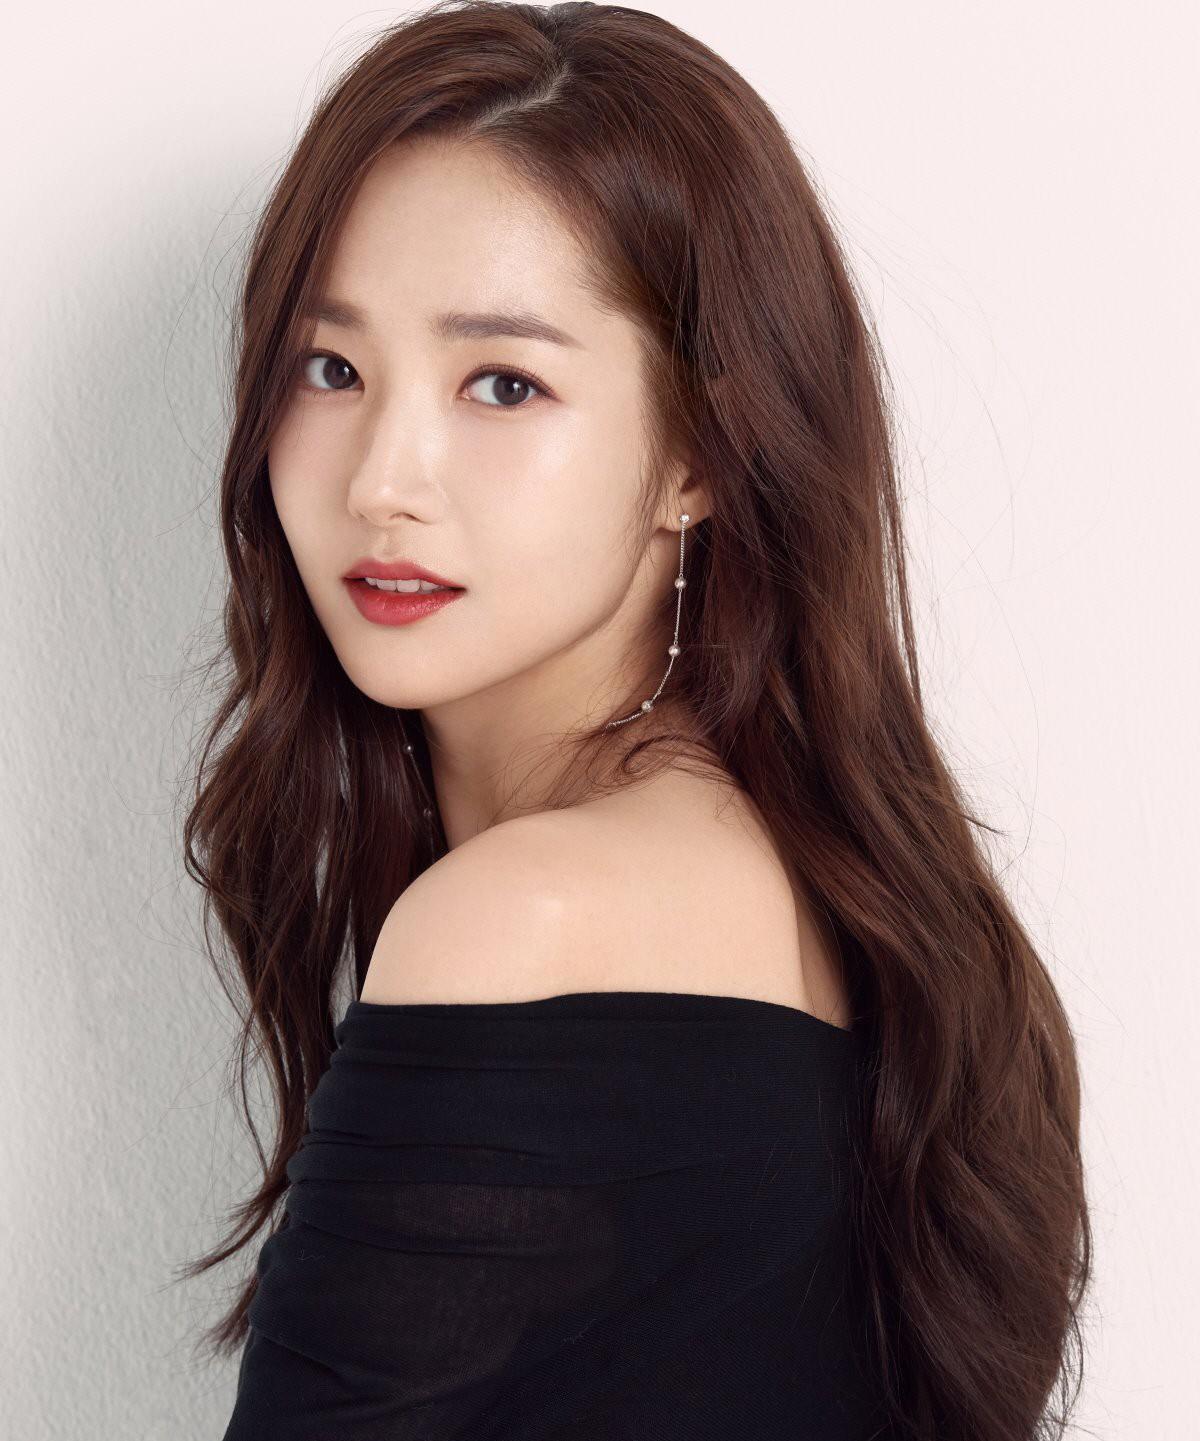 Ảnh hậu trường đẹp khó tin của đệ nhất dao kéo Park Min Young: Đẳng cấp còn hơn cả thiên thần tỉ tỉ - Ảnh 7.